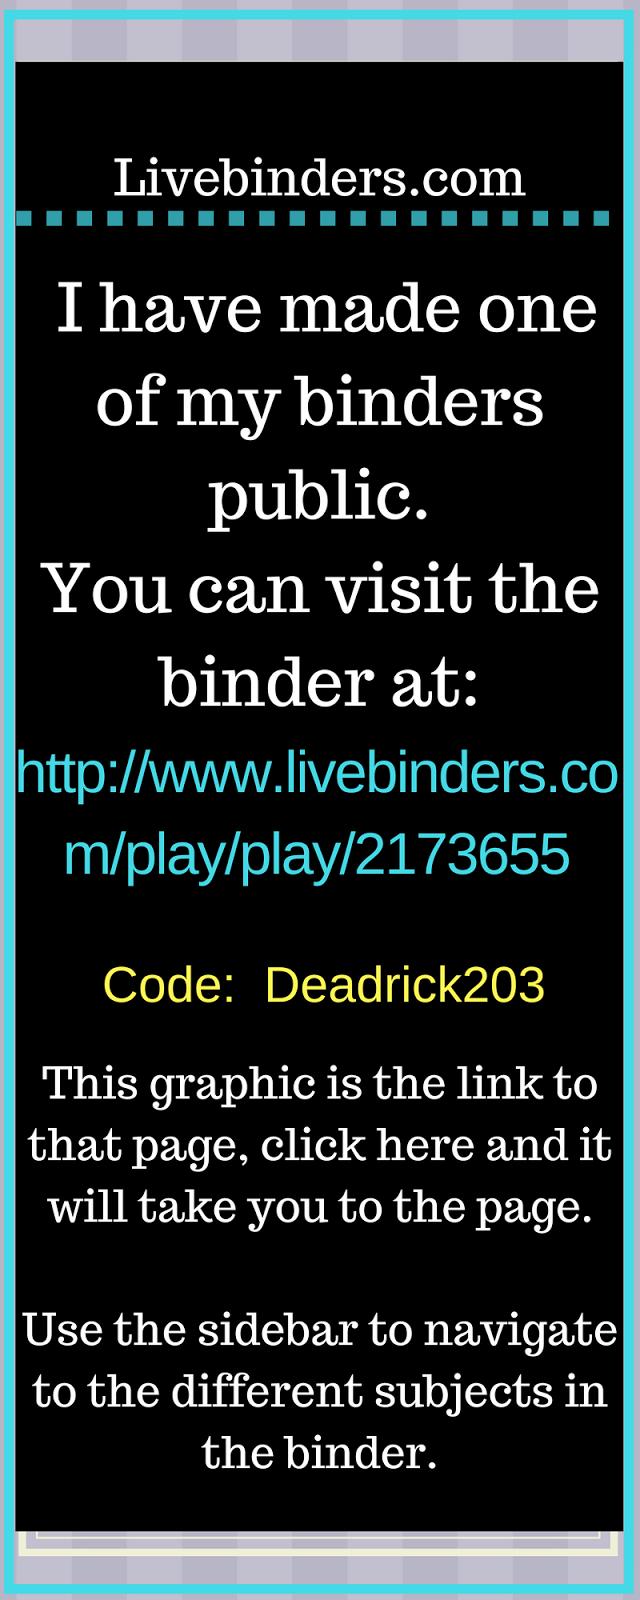 Live Binders Link